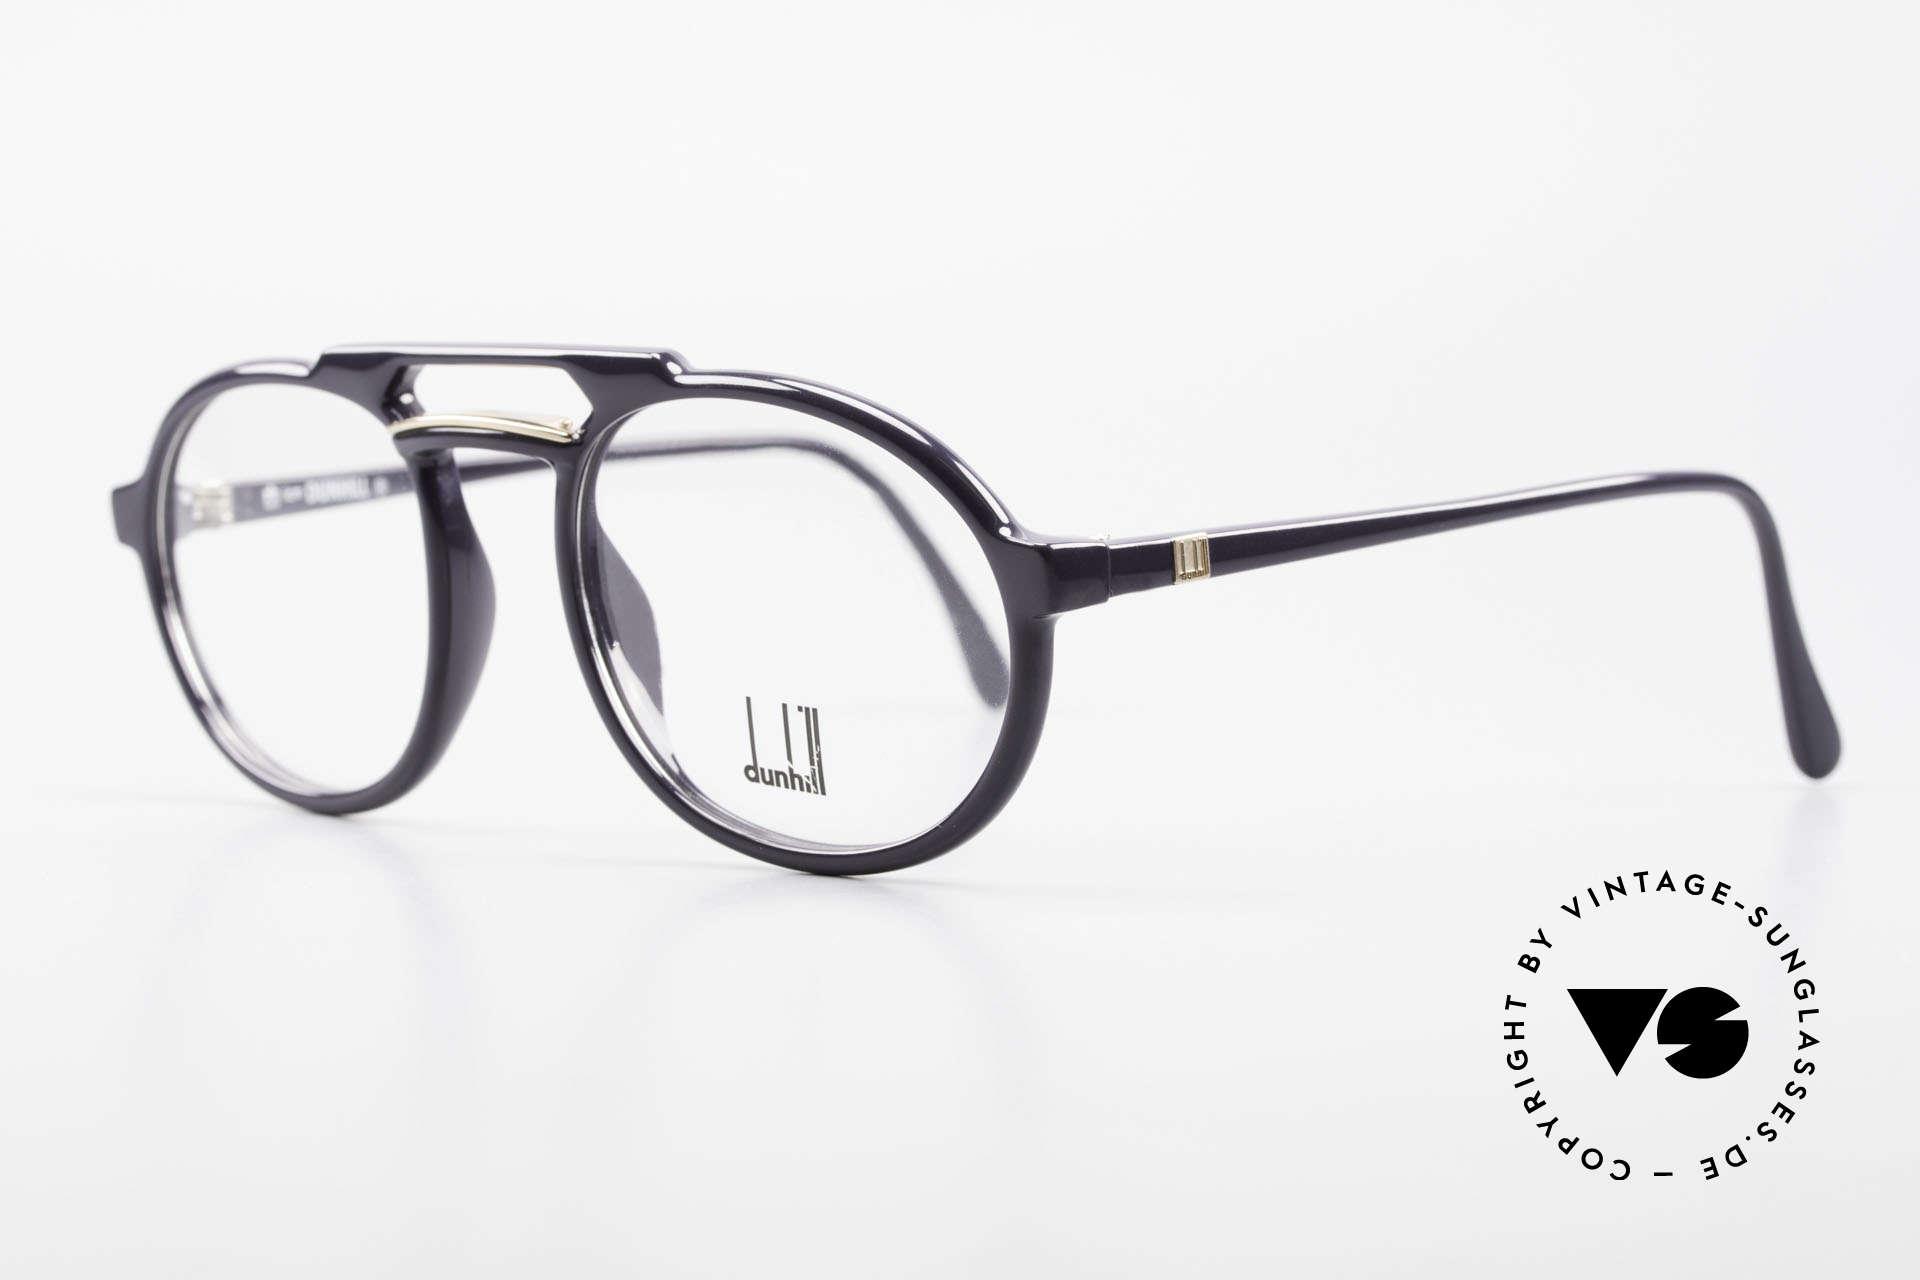 Dunhill 6114 Ovale 90er Brille Dunkelblau, das leichte & robuste Optyl scheint nicht zu altern, Passend für Herren